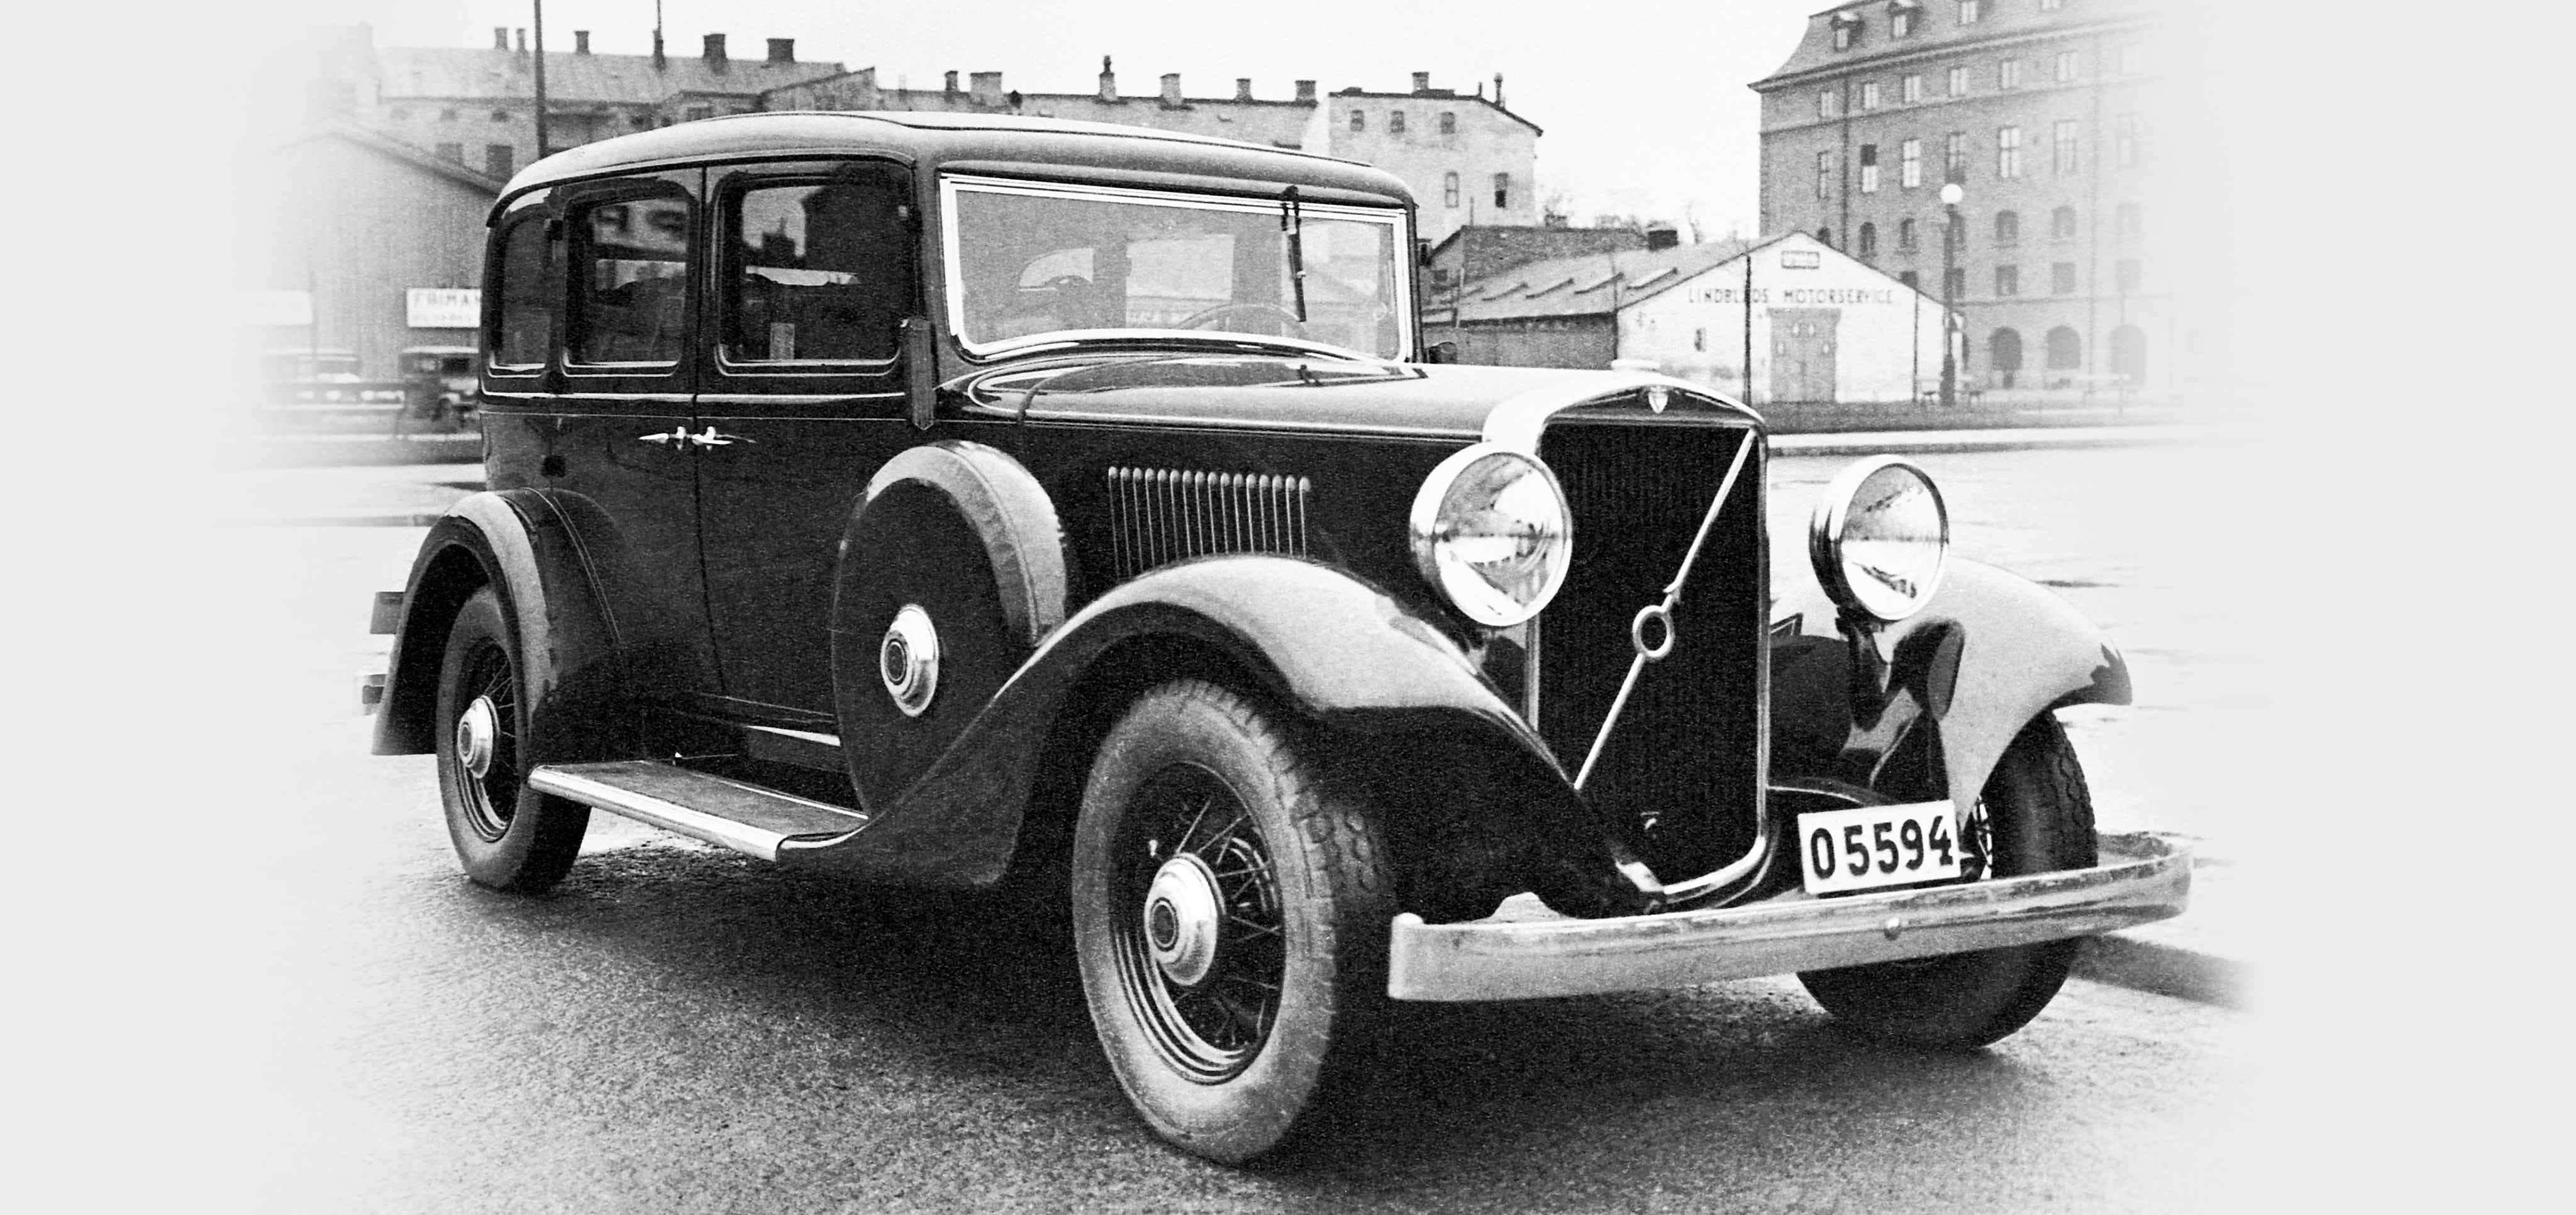 Imagen en blanco y negro de un Volvo PV653-9 visto desde el lado lateral derecho